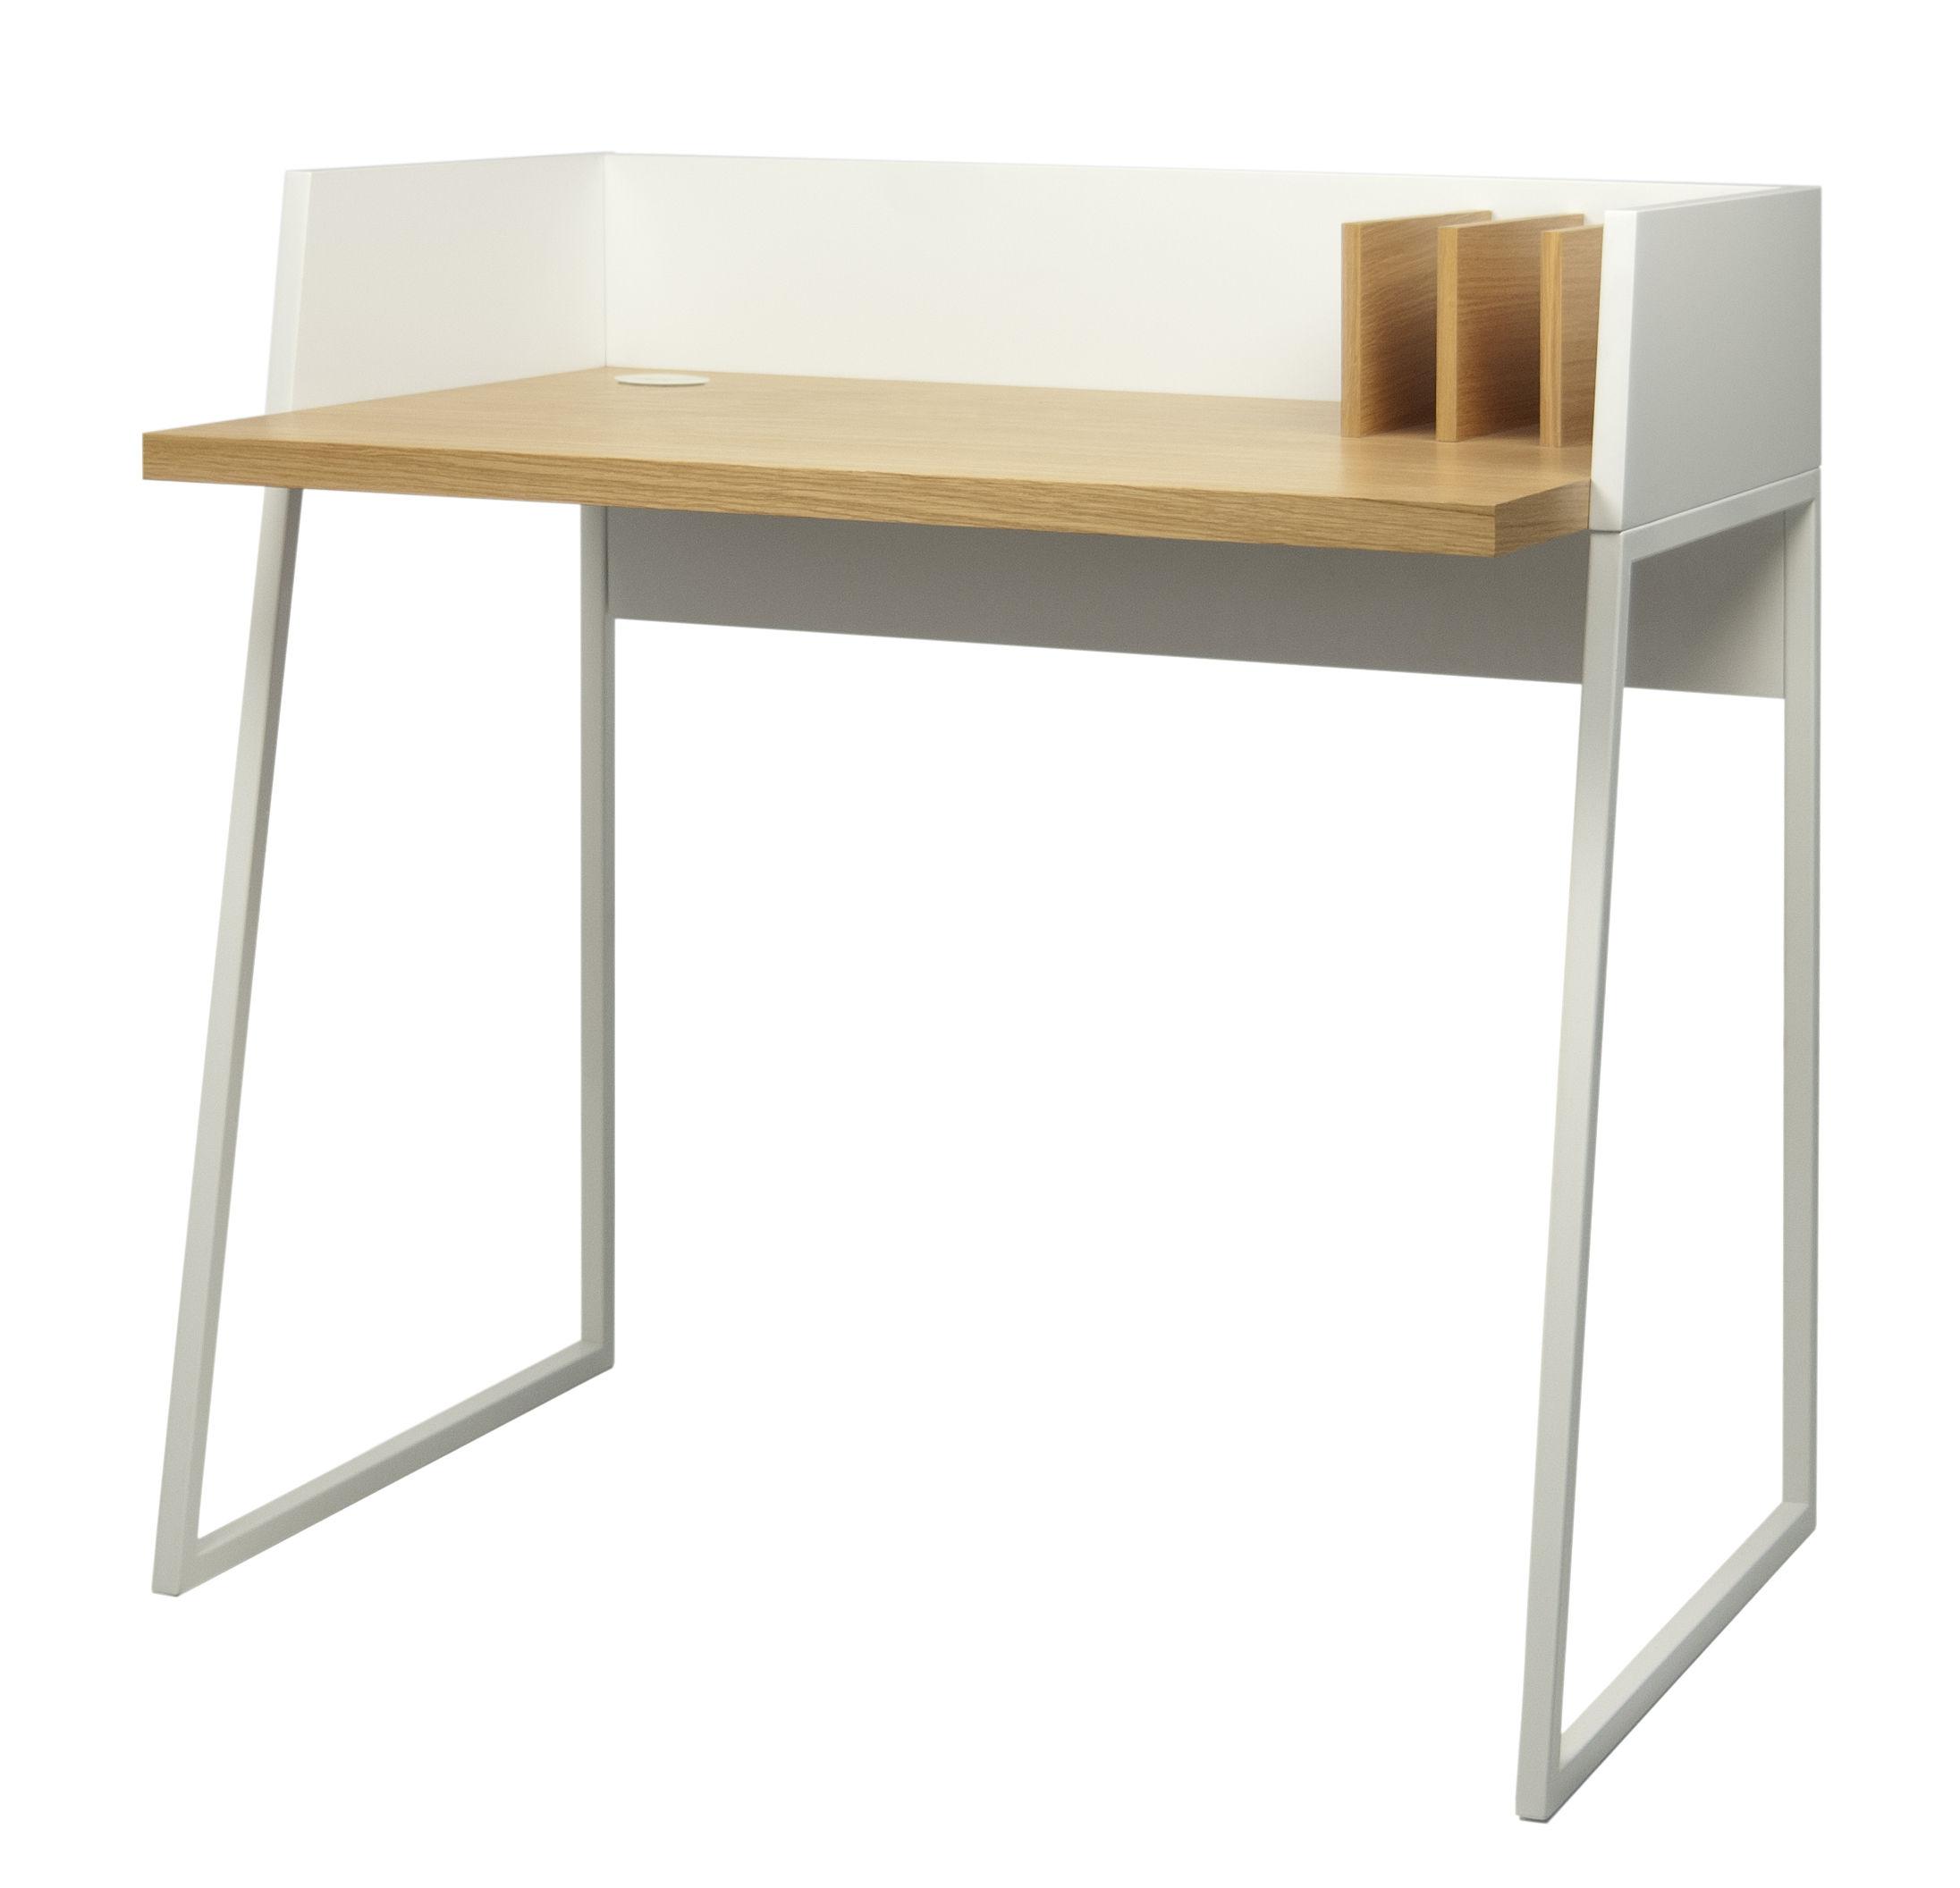 Mobilier - Bureaux - Bureau Working - POP UP HOME - Blanc / Chêne - MDF peint, Métal laqué, Panneaux alvéolaires, Placage chêne